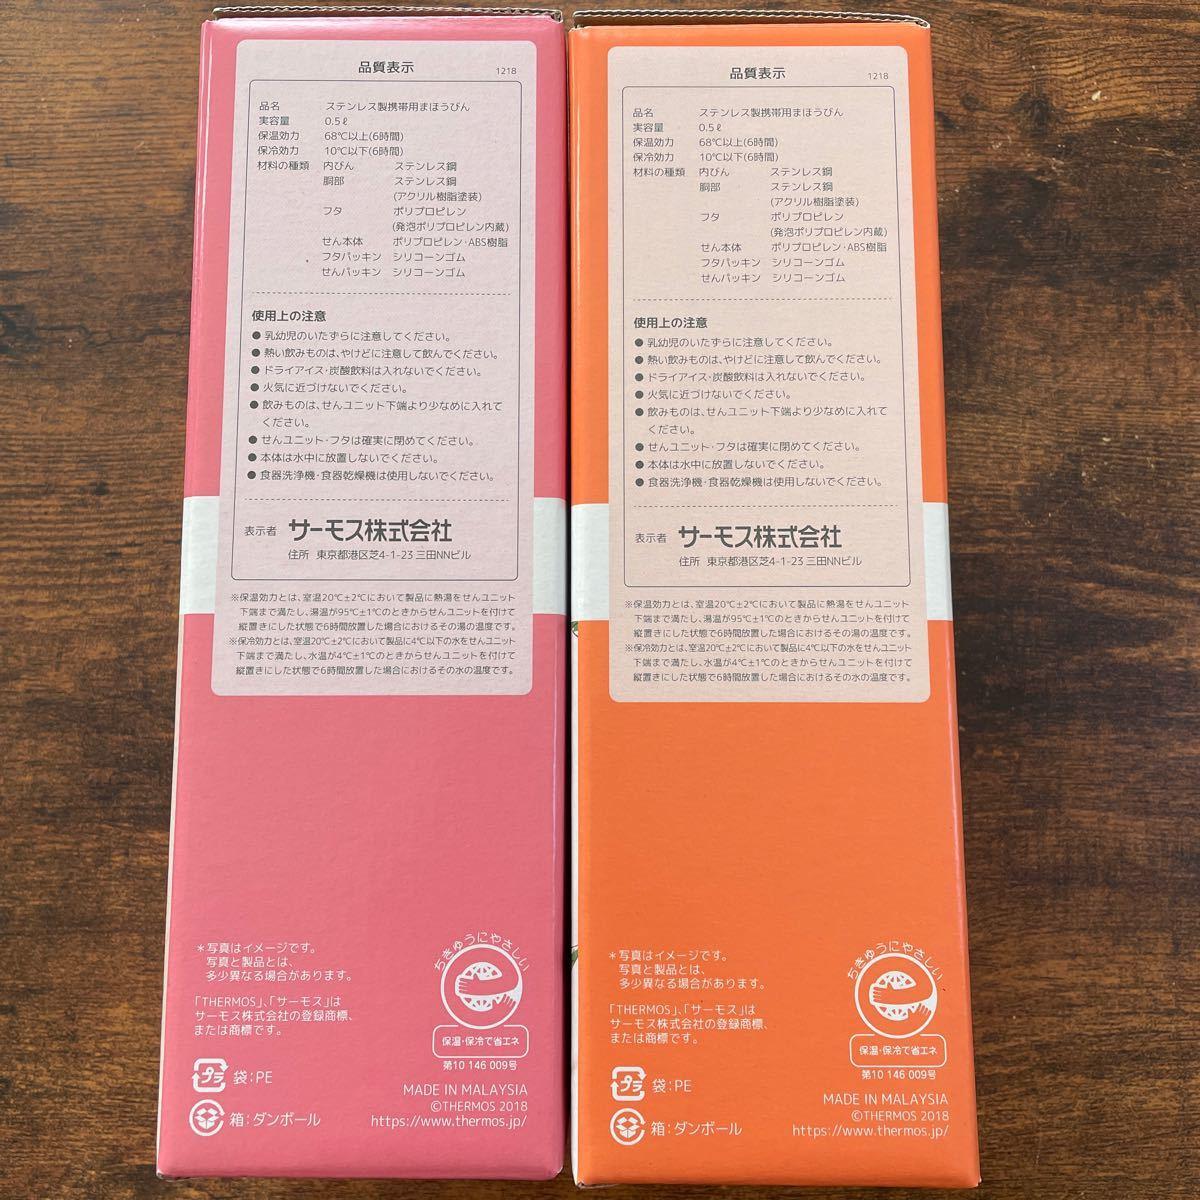 真空断熱ケータイマグ 0.5L オレンジホワイト&ピンクハート セット